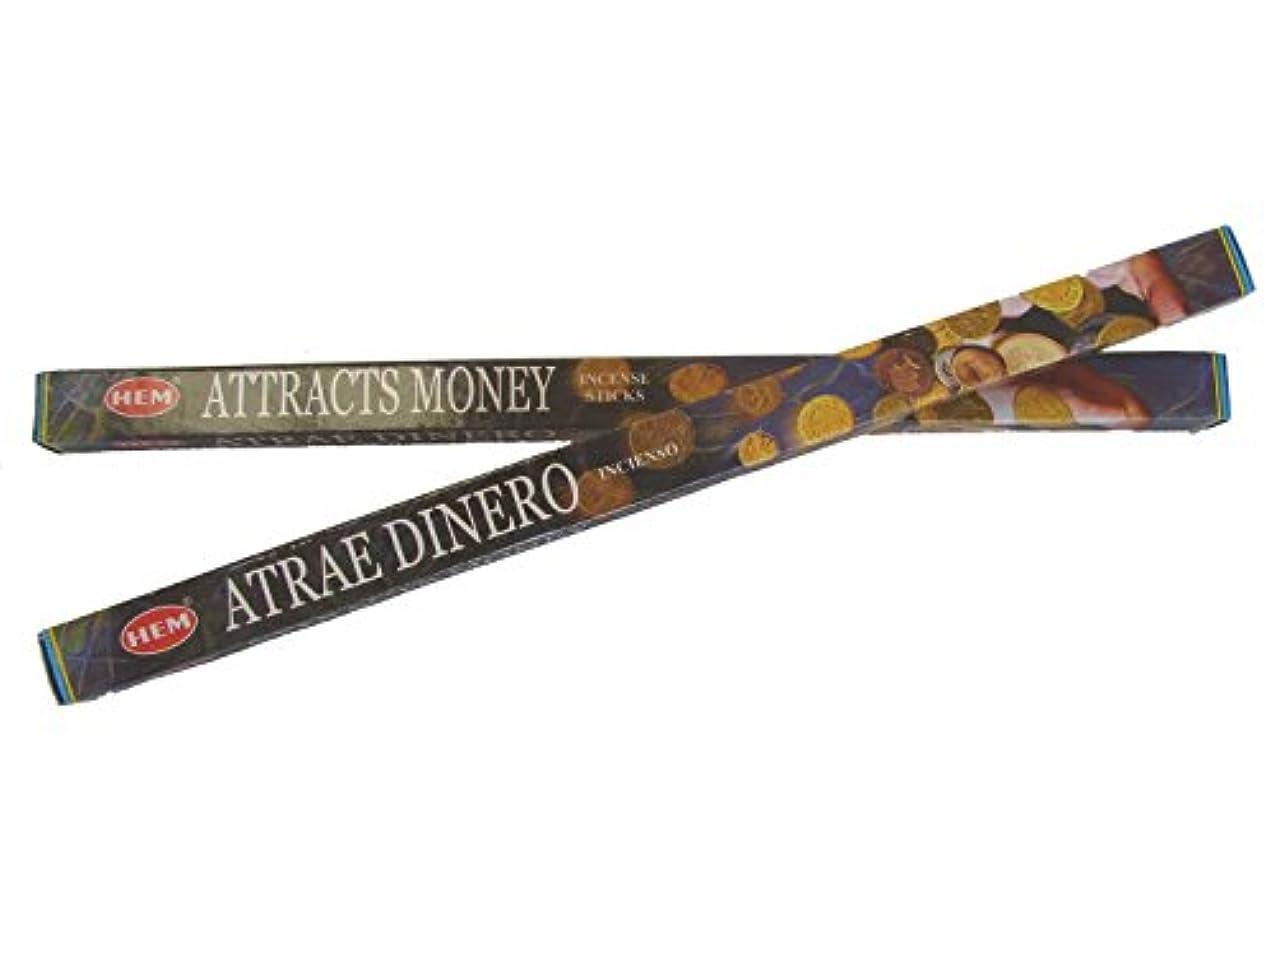 チャット発生ターゲット4 Boxes of Attracts Money Incense Sticks